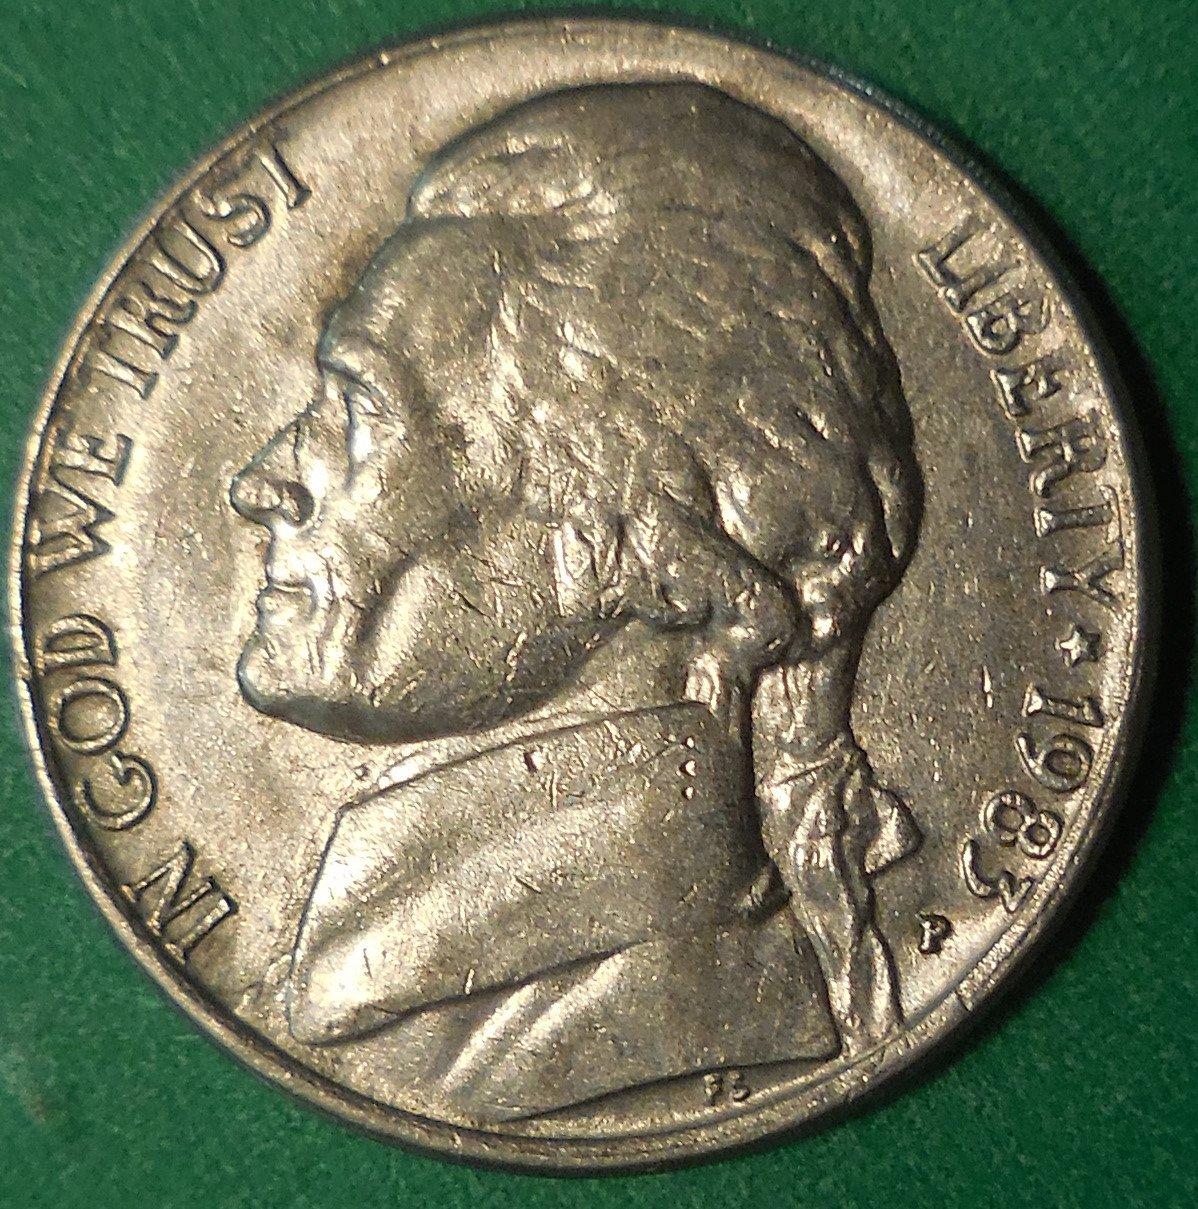 1983-P Jefferson Nickel Die Clash Error